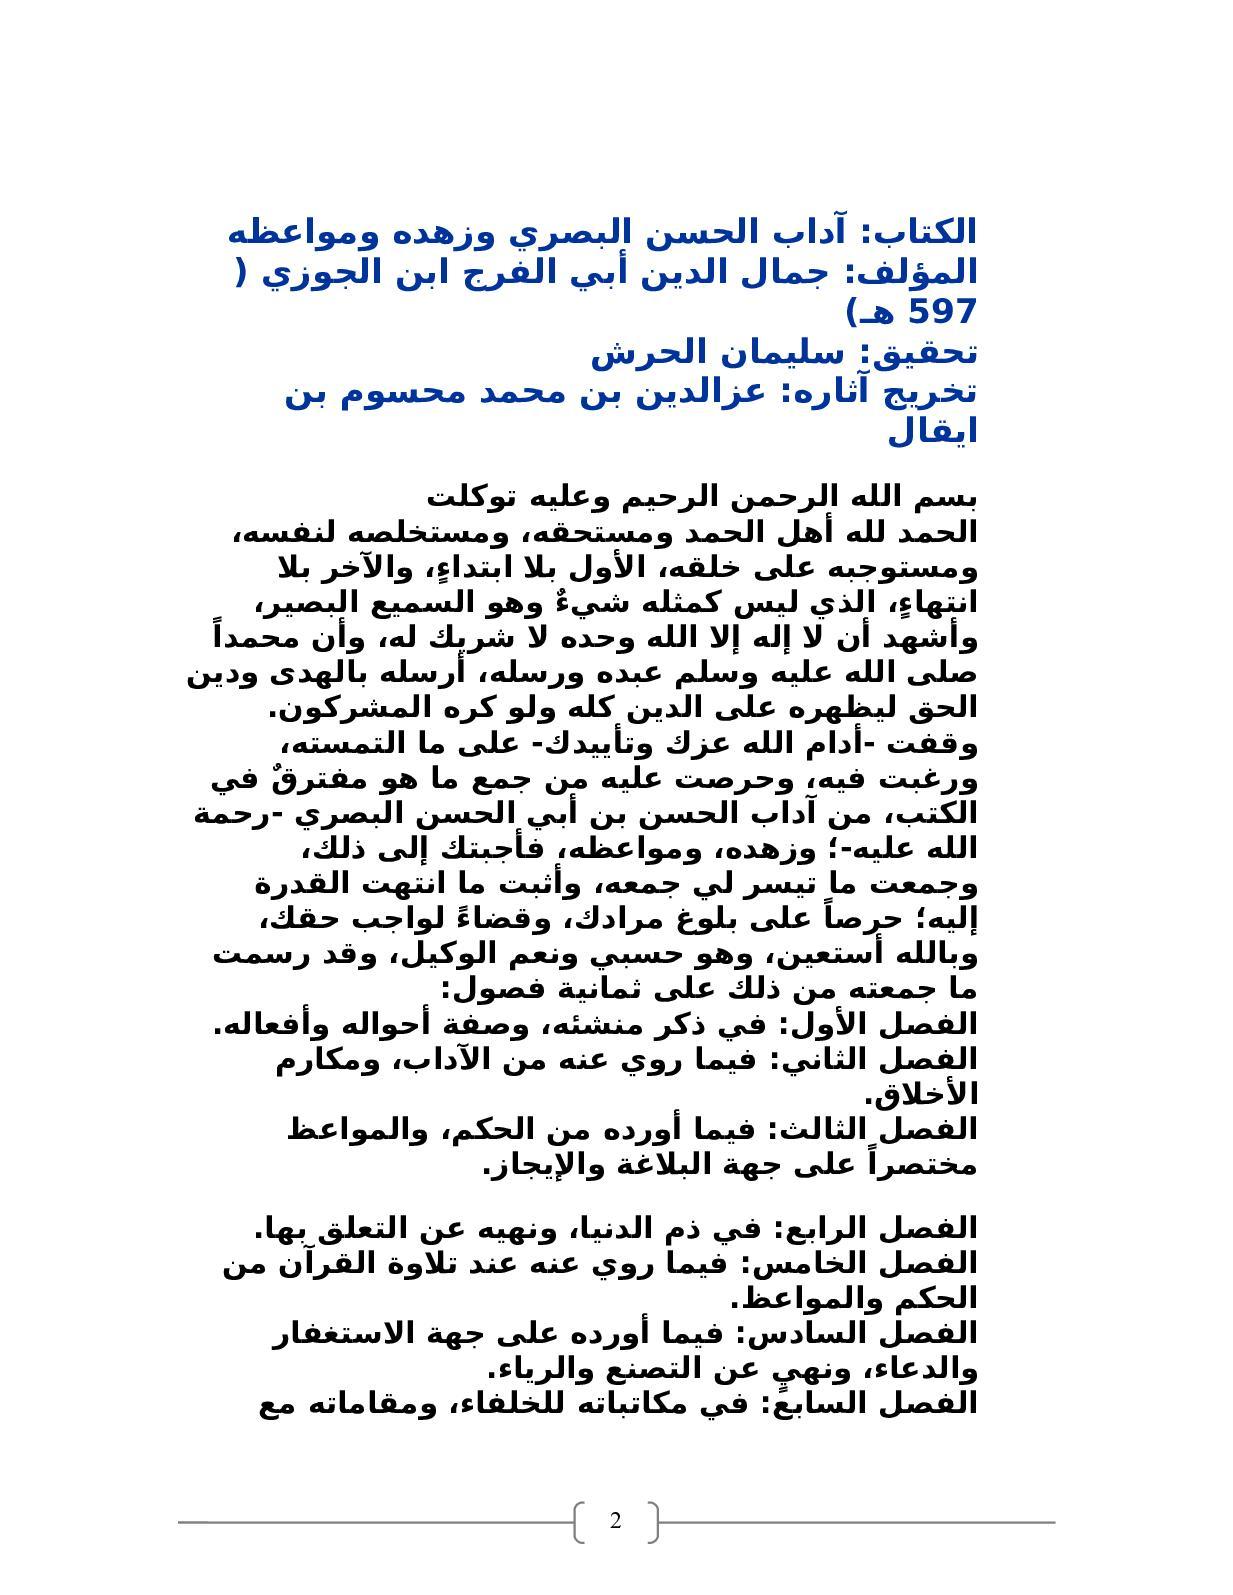 Calameo آداب الحسن البصري للإمام ابن الجوزي مخرجا